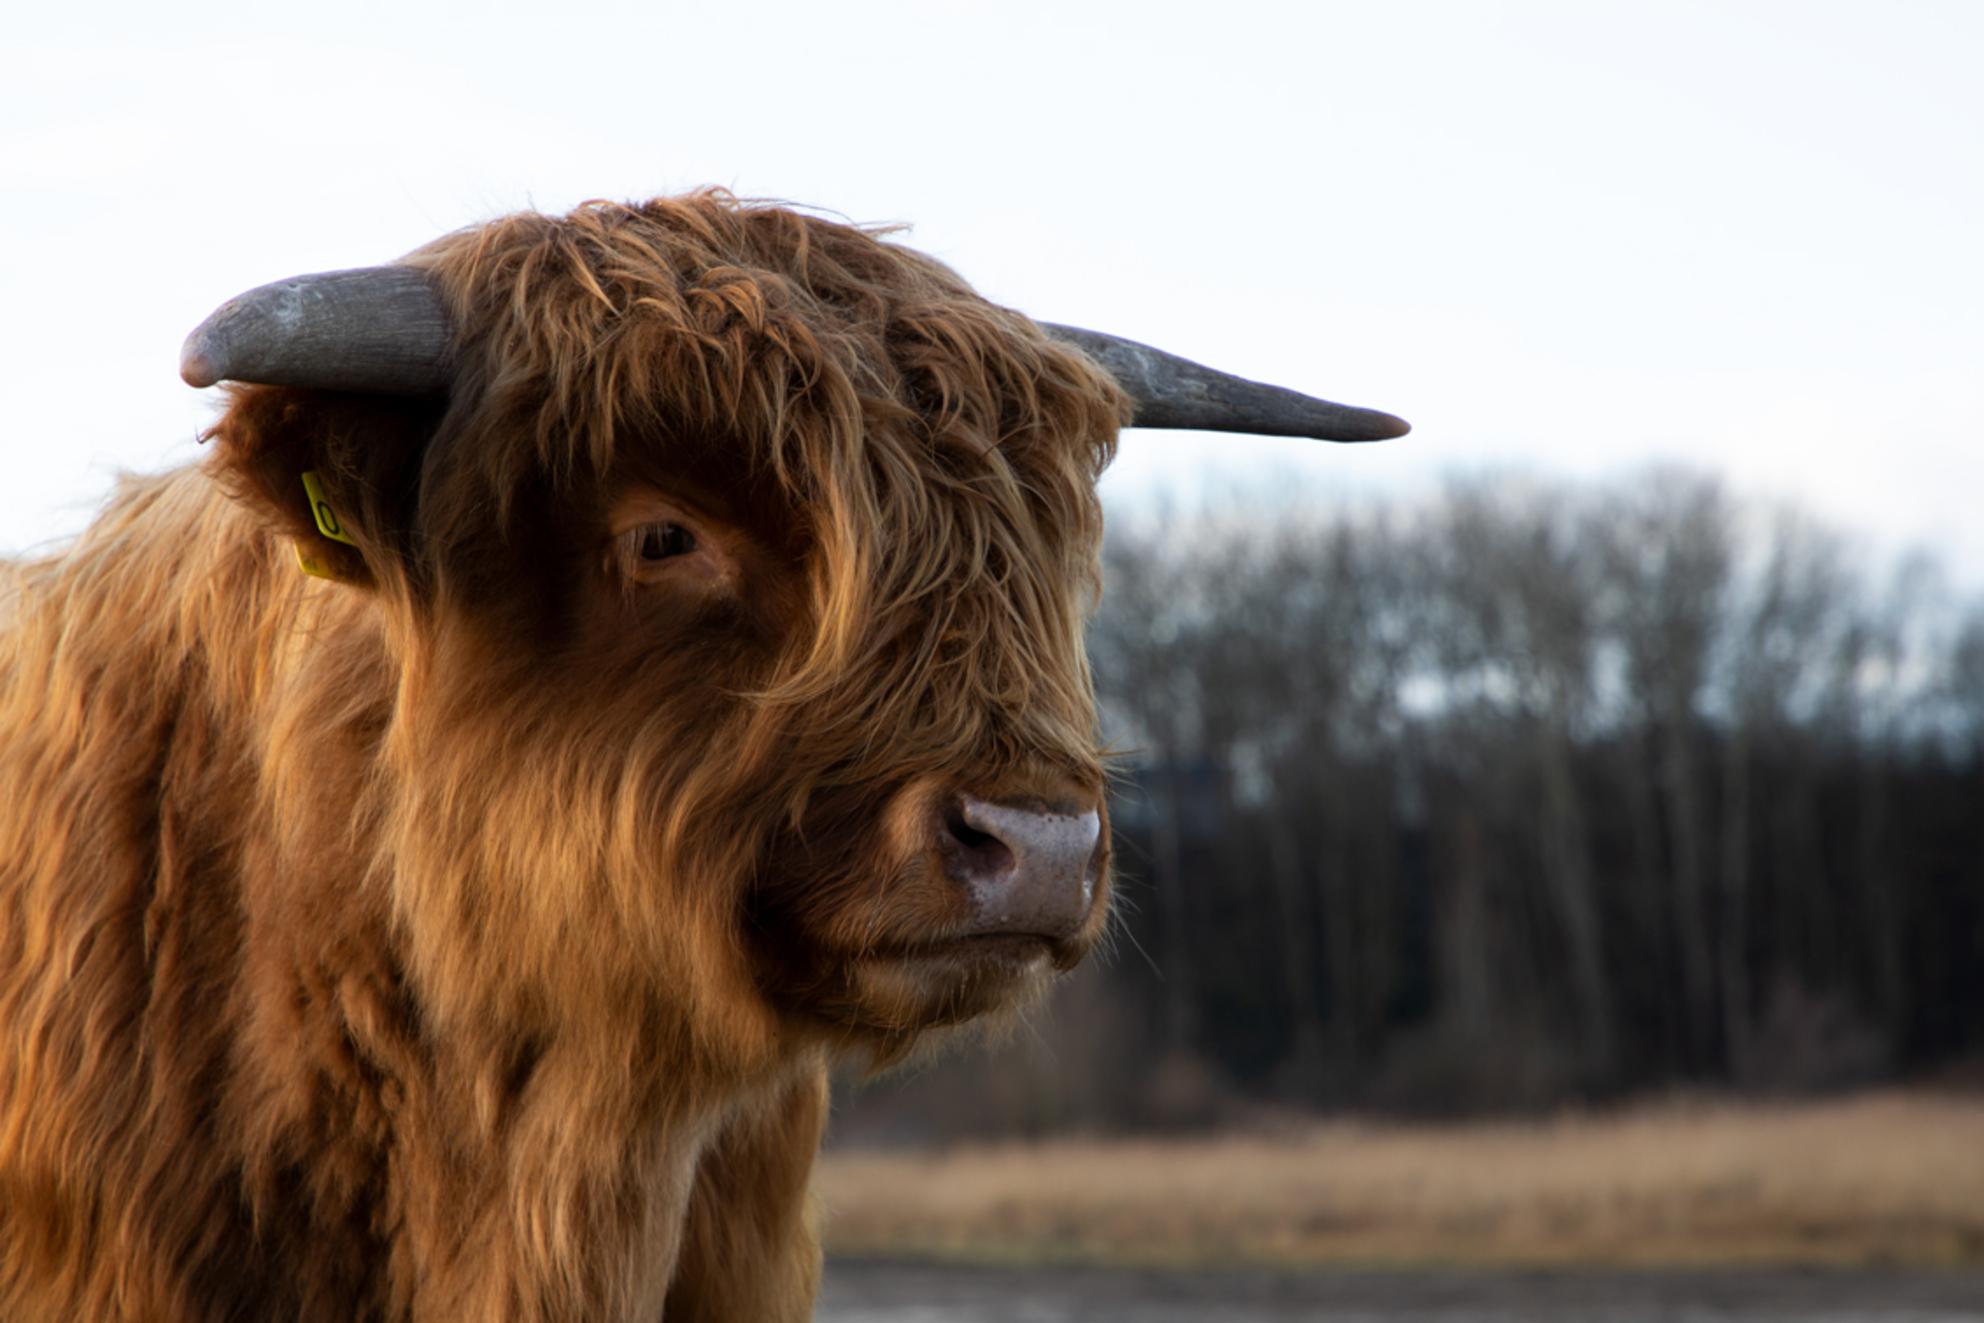 Schotse Hooglander in Lentevreugd - - - foto door william_ton op 24-01-2021 - deze foto bevat: koe, duinen, katwijk, wassenaar, schotse hooglander